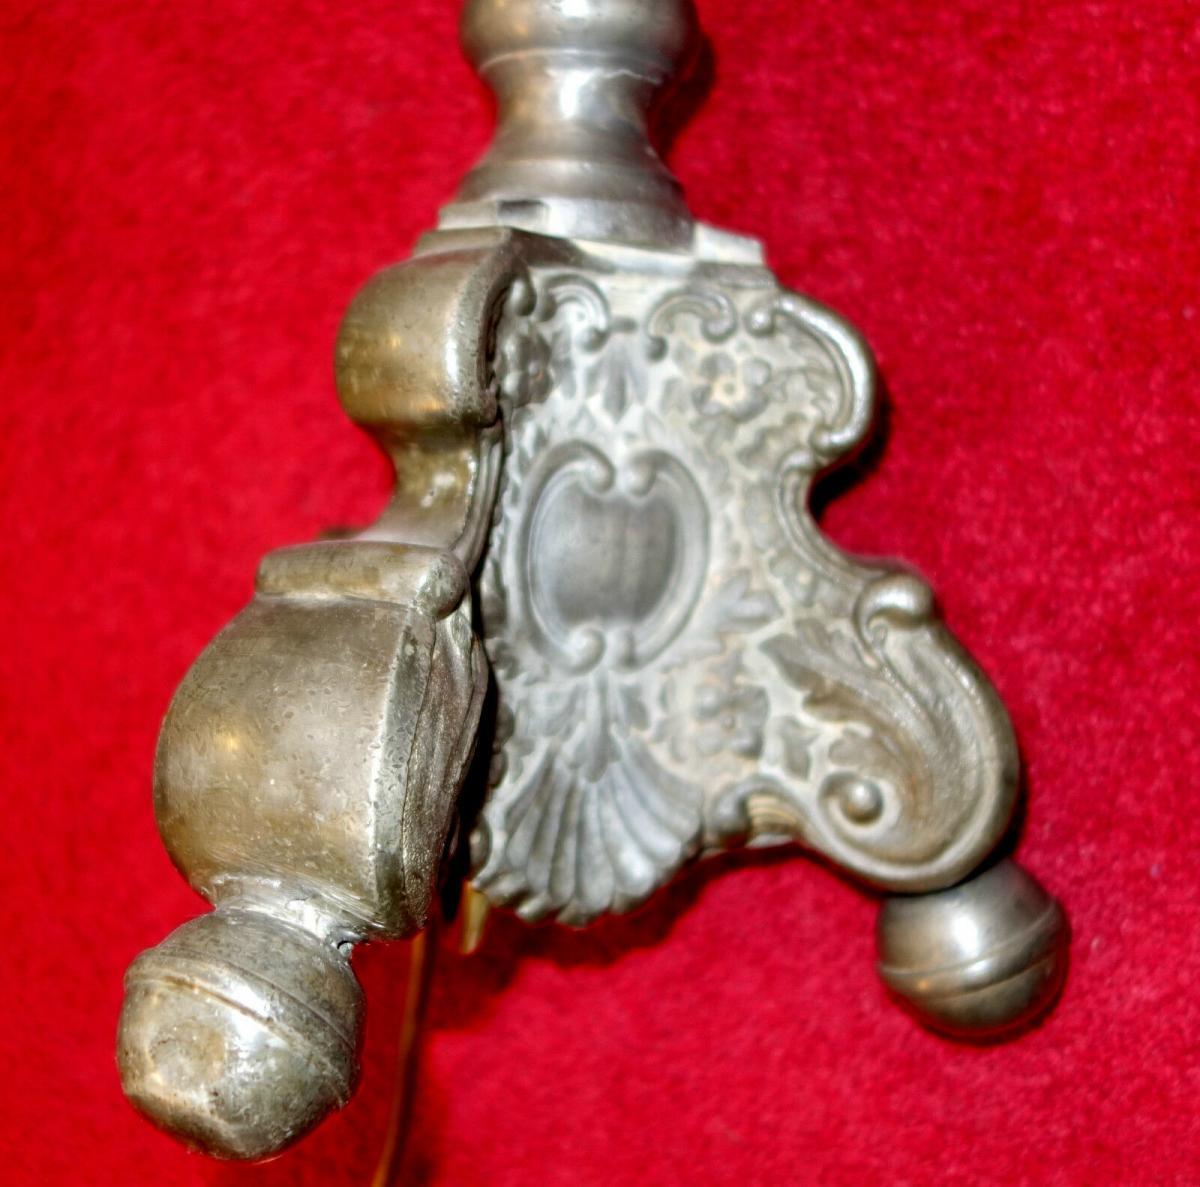 Stehlampe,Barockstil ,Zinn,aus altem Zinnkerzenleuchter gefertigt 4